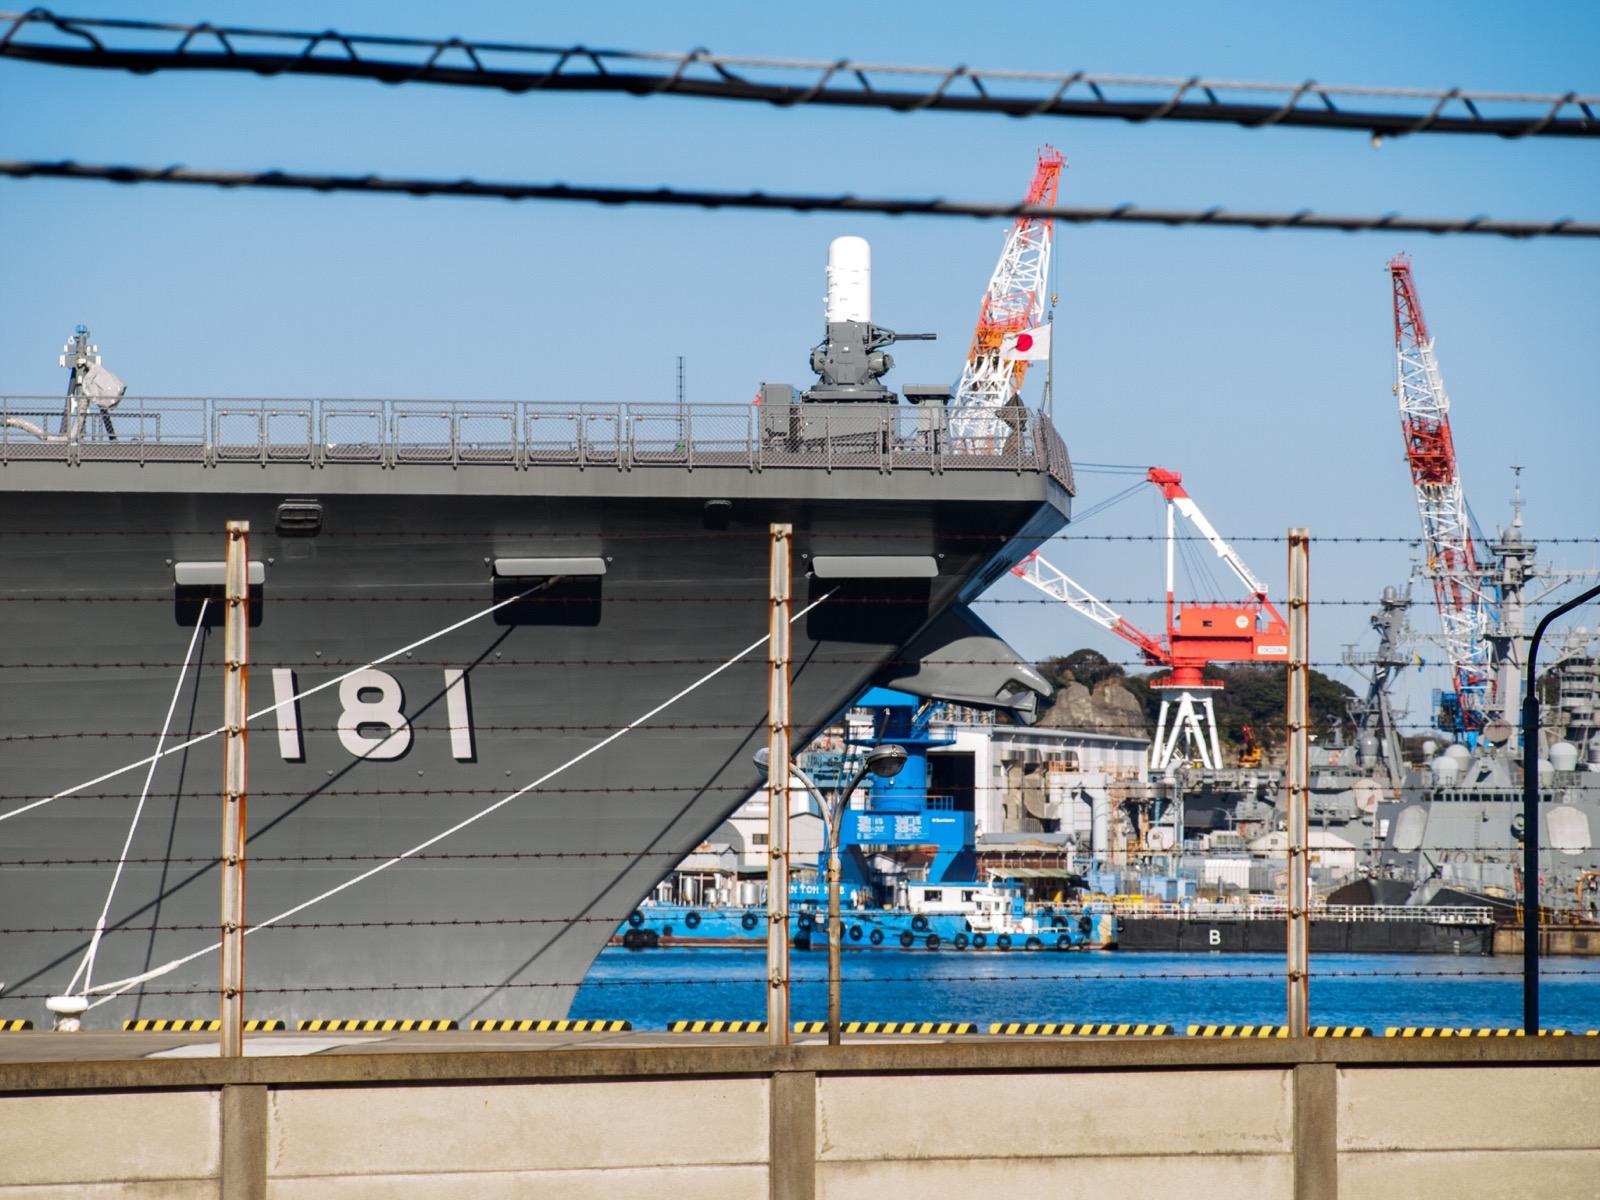 横須賀駅から見た横須賀港と護衛艦「ひゅうが」(2015年1月)